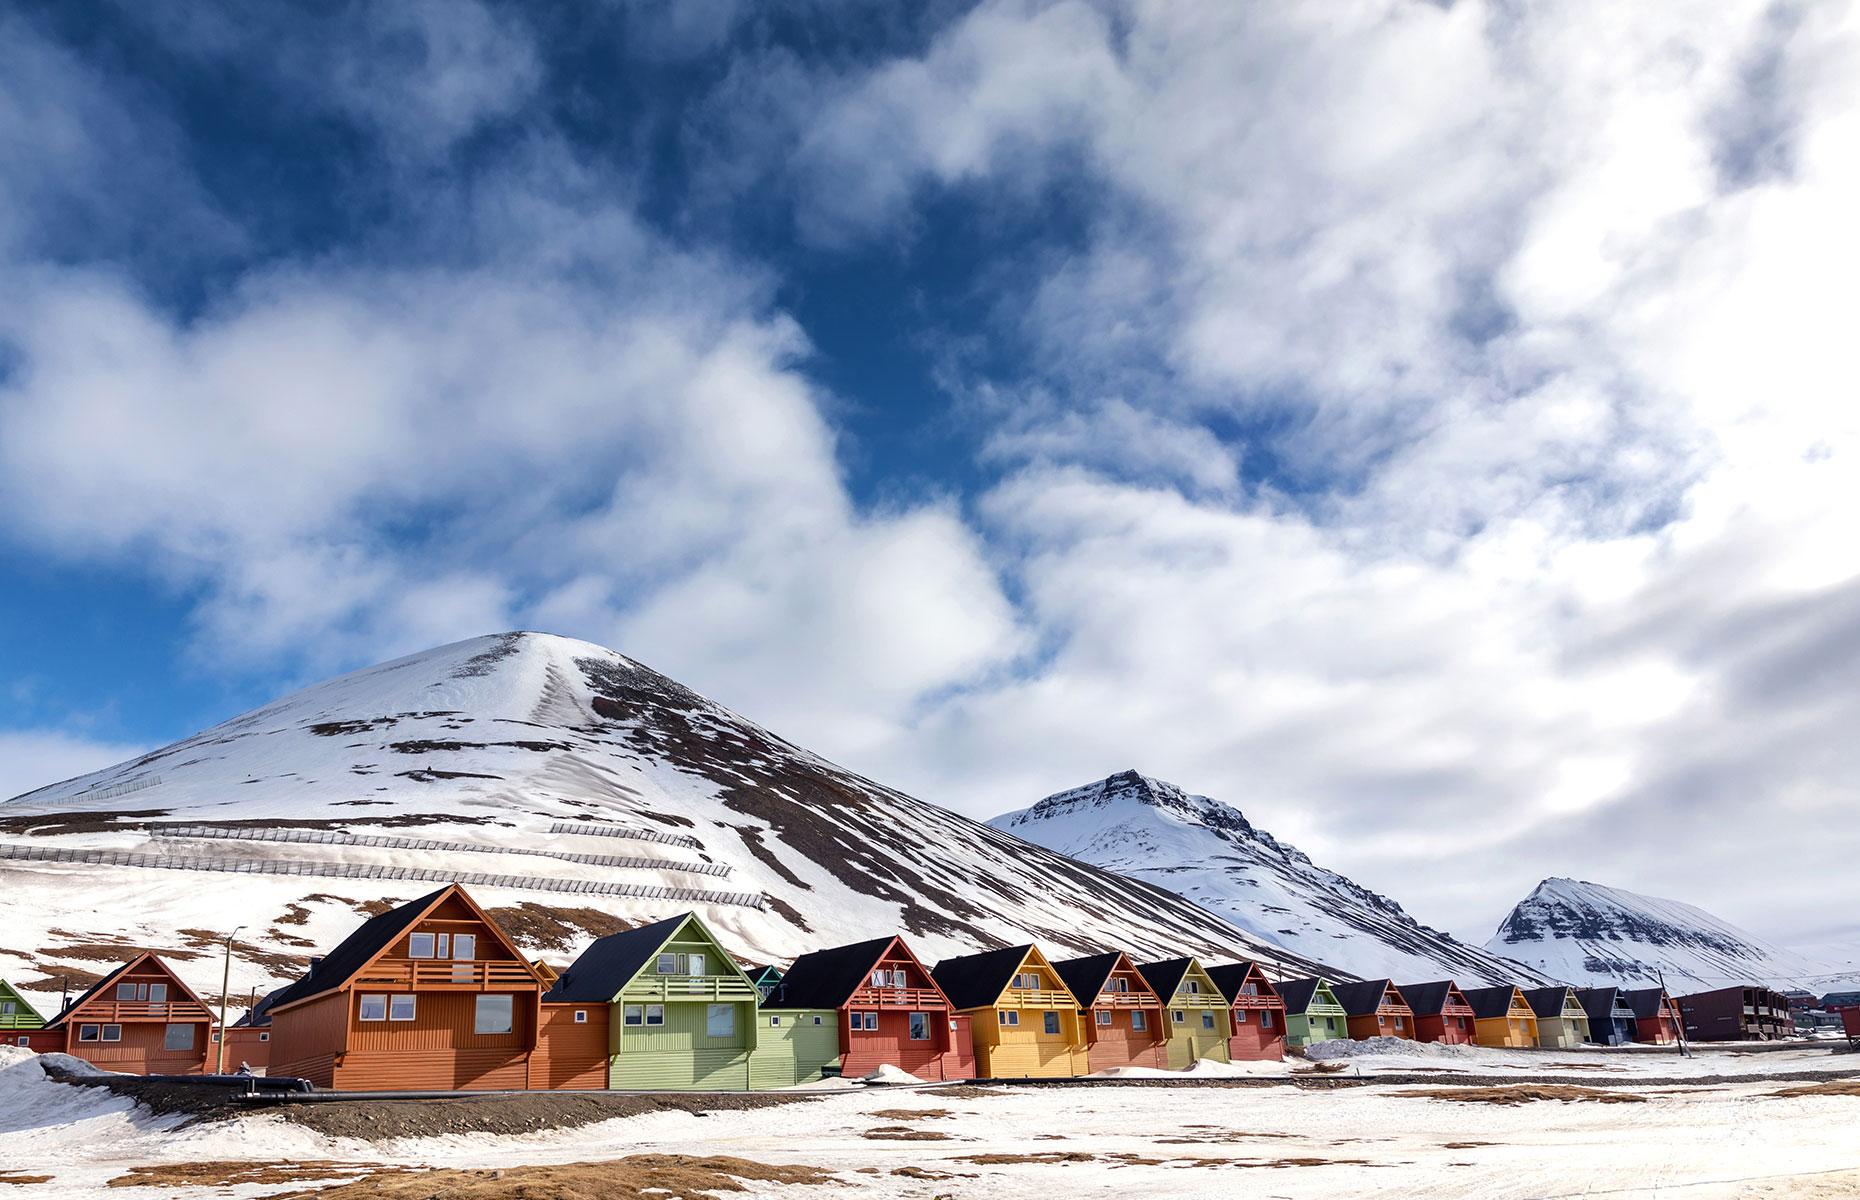 The town of Longyearbyen in Svalbard (Image: Jane Rix/Shuttertock)